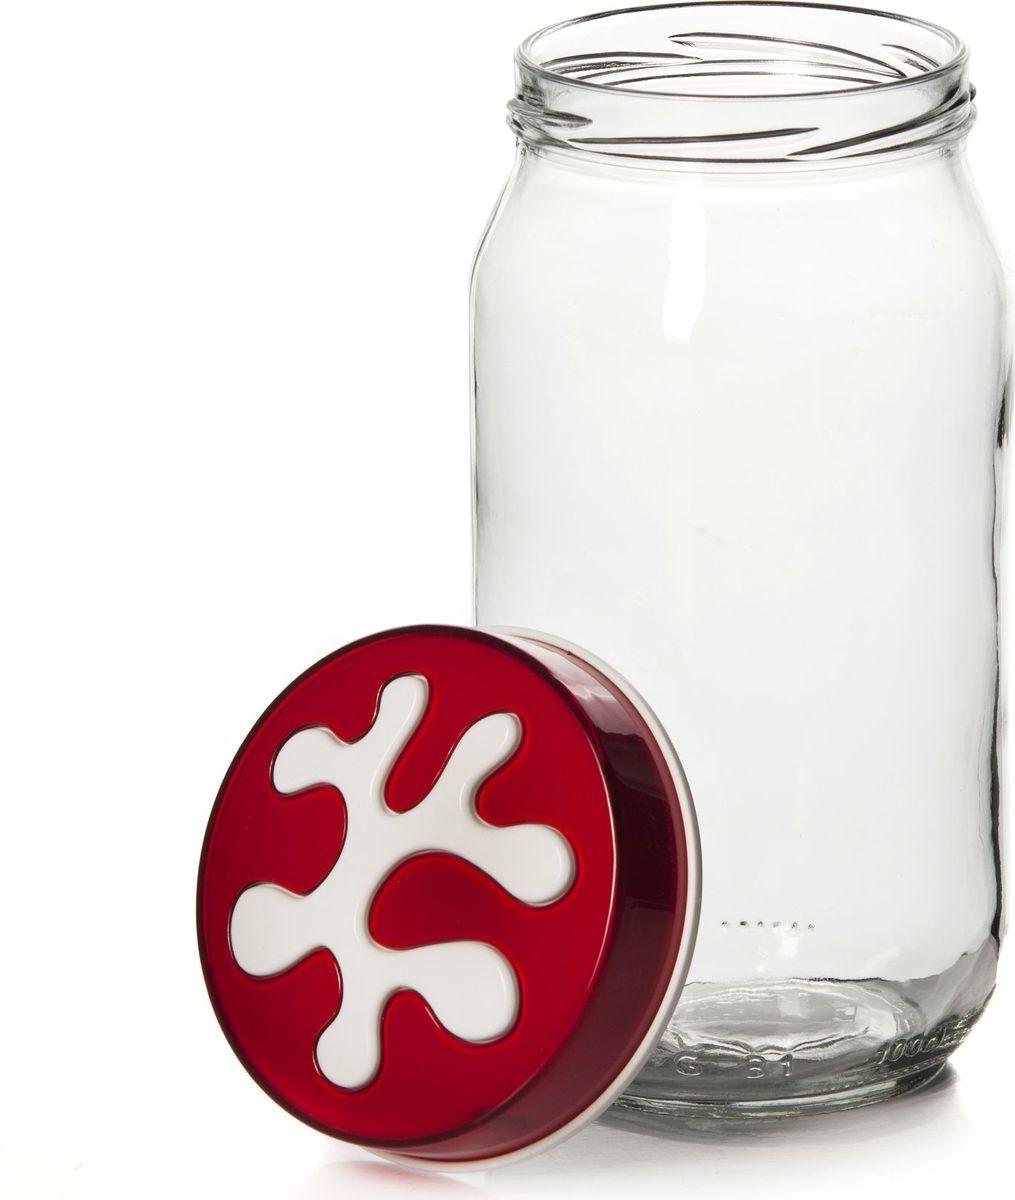 Банка для сыпучих продуктов Pasabahce, 1 л. 135377-205135377-205Емкость прозрачная с красной крышкой, V=1000 мл, 90*90*185 мм